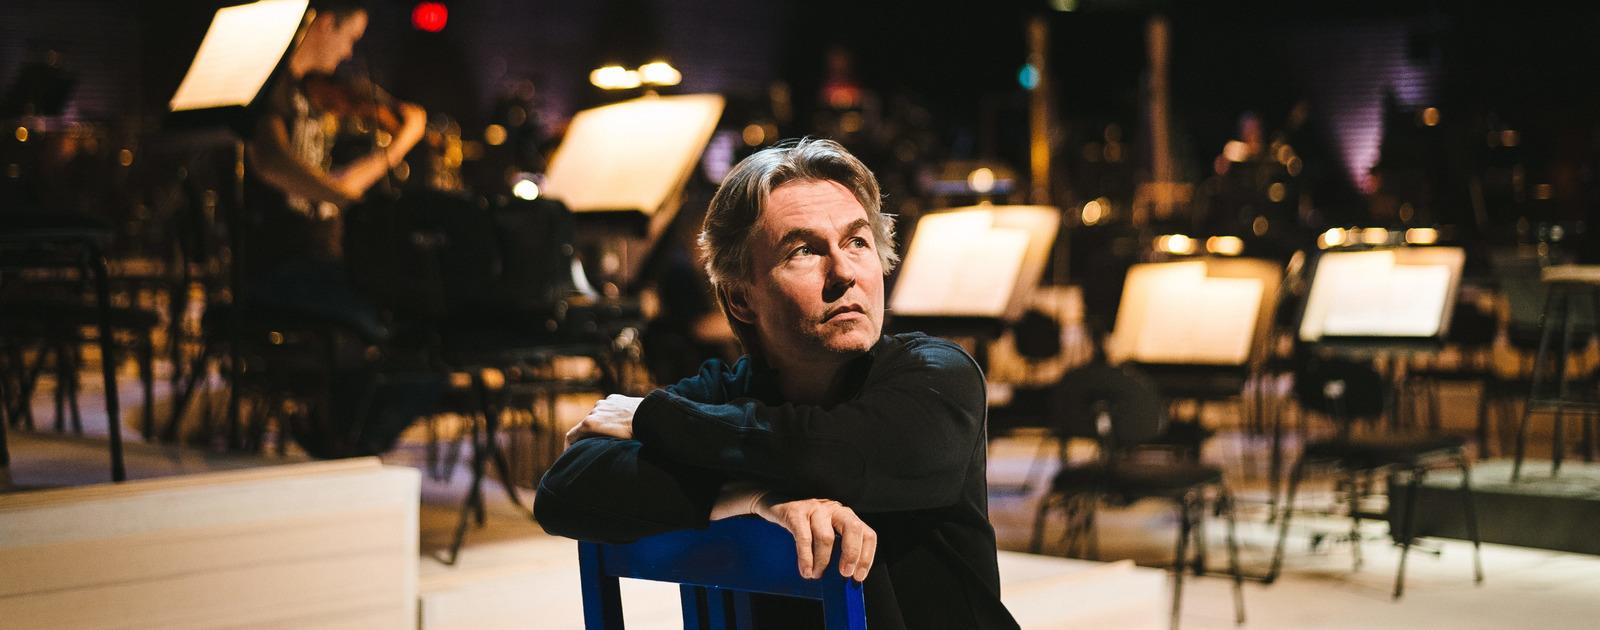 La Orquesta Sinfónica de San Francisco, presionada por recortes en sus contratos